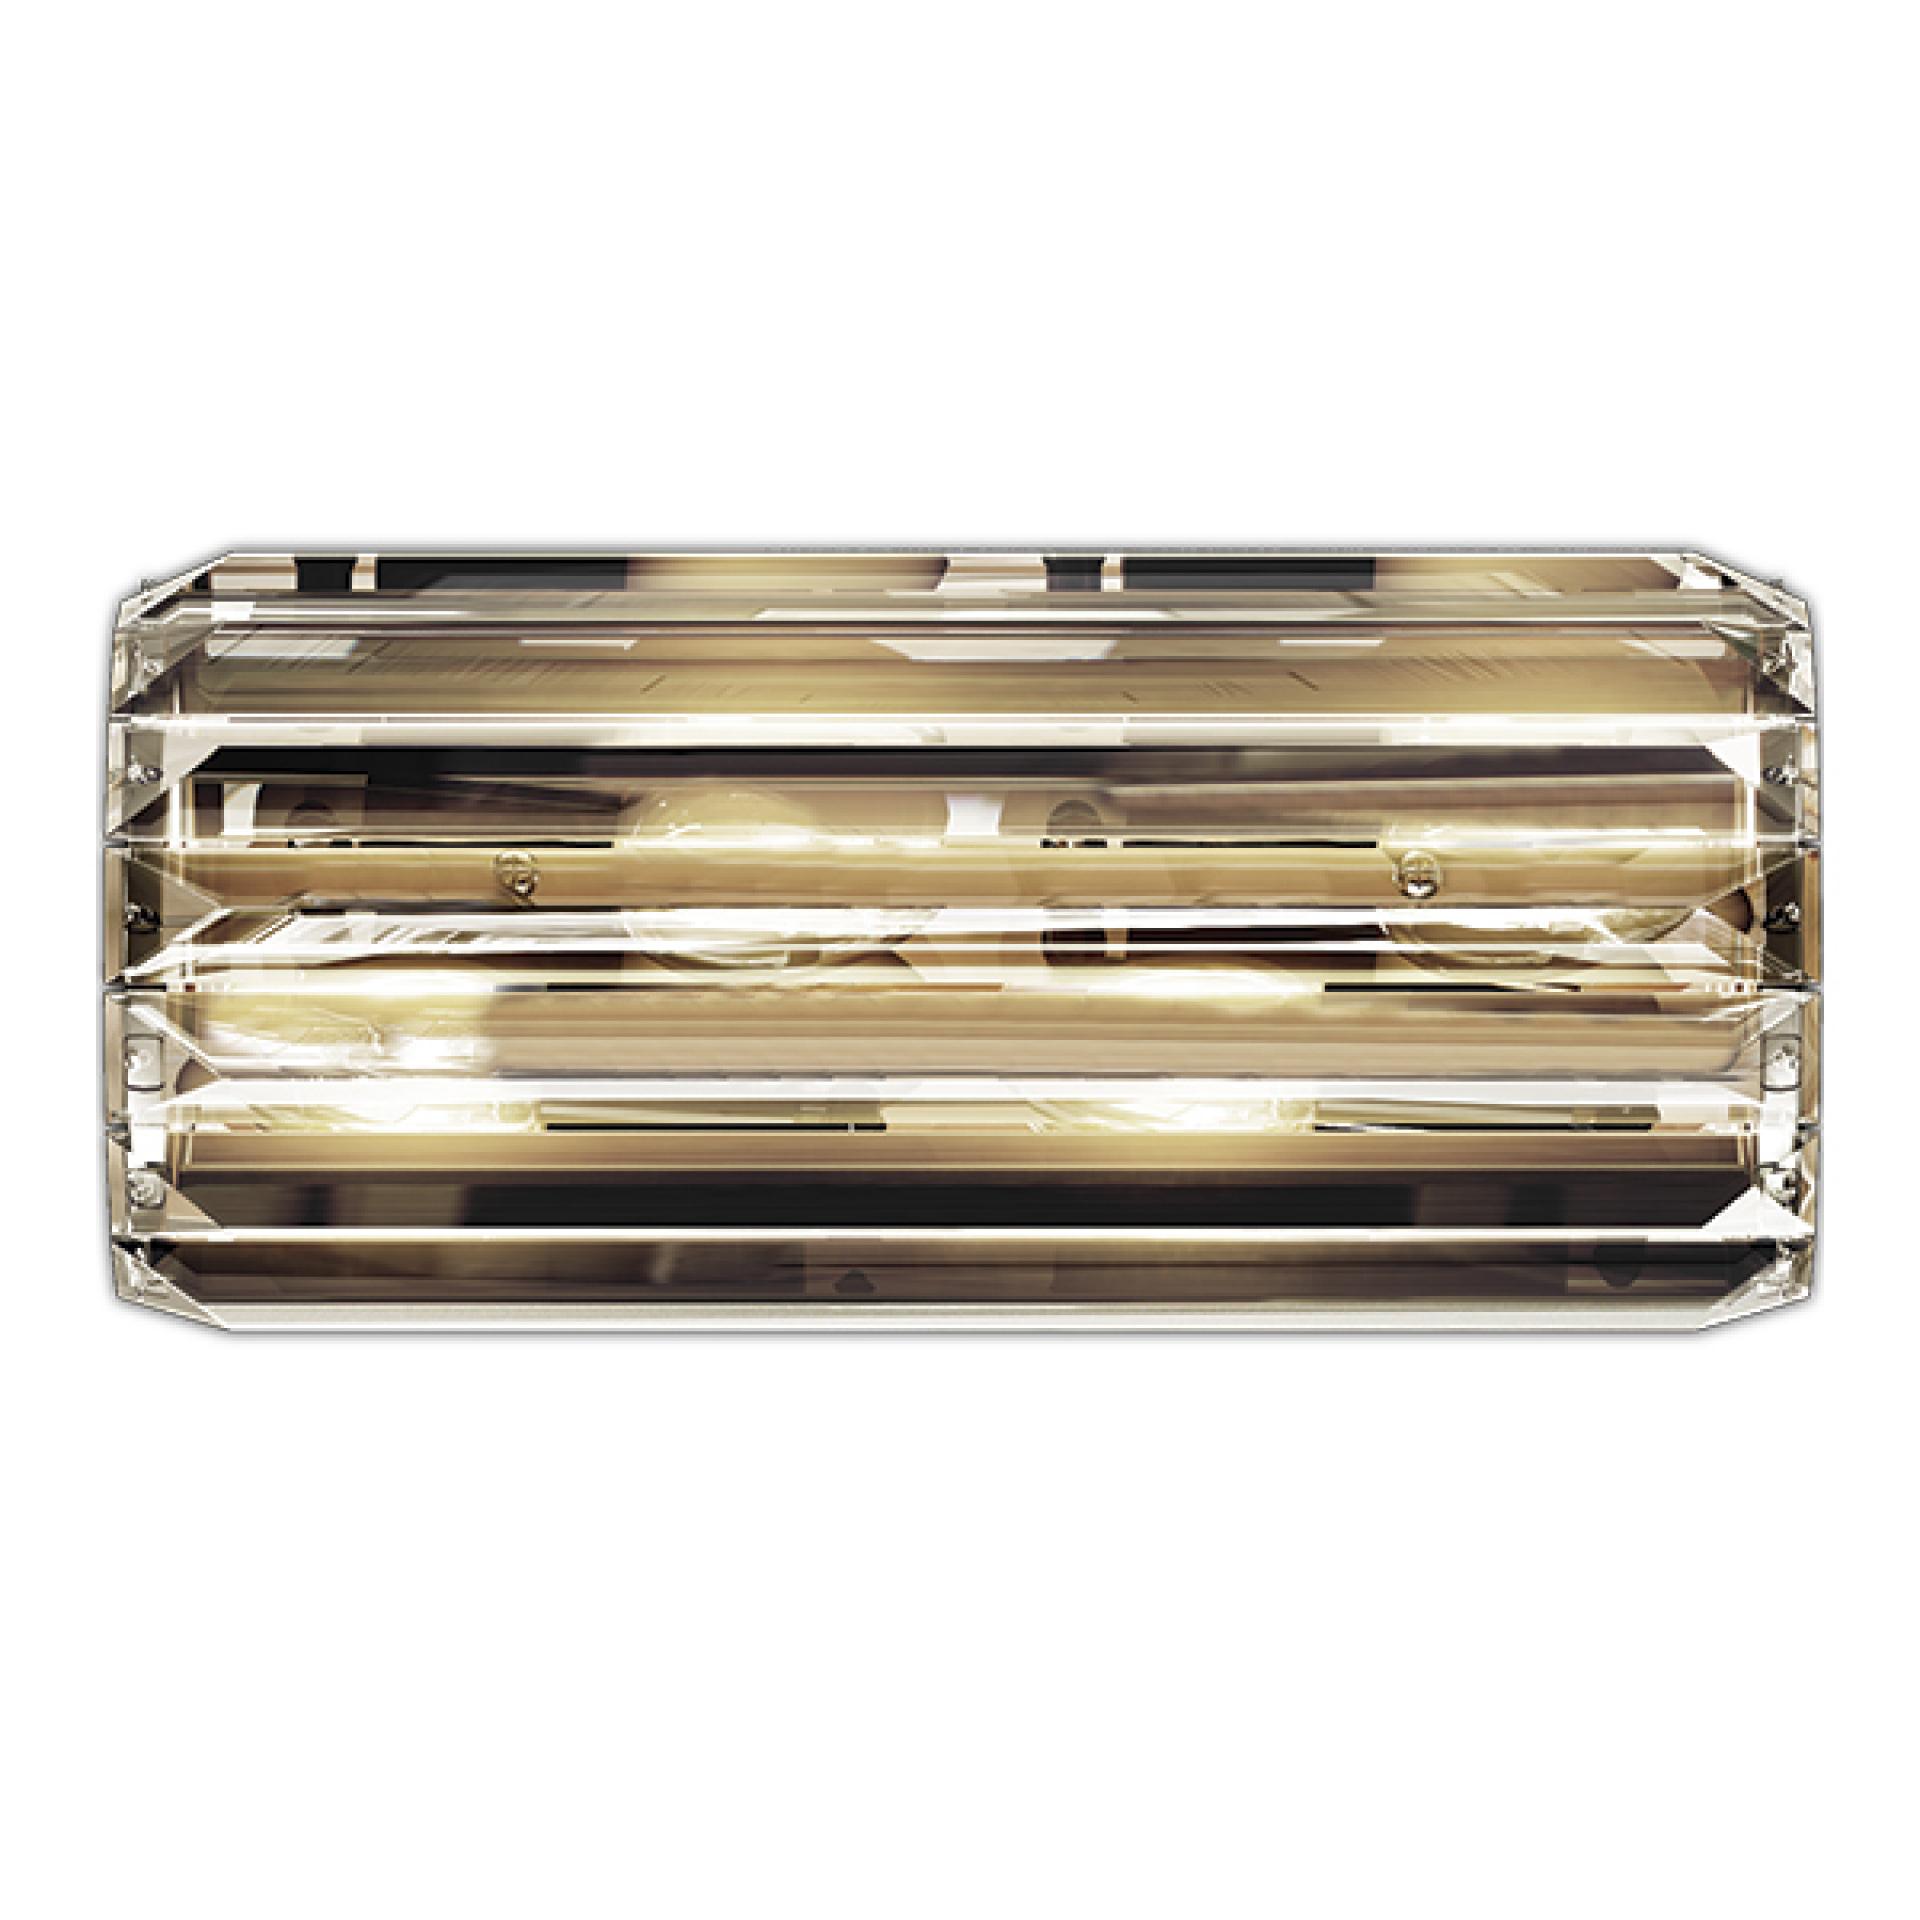 Бра Limpio 6х20W G9 черный хром / прозрачный Osgona 722660, купить в СПб, Москве, с доставкой, Санкт-Петербург, интернет-магазин люстр и светильников Starlight, фото в жизни